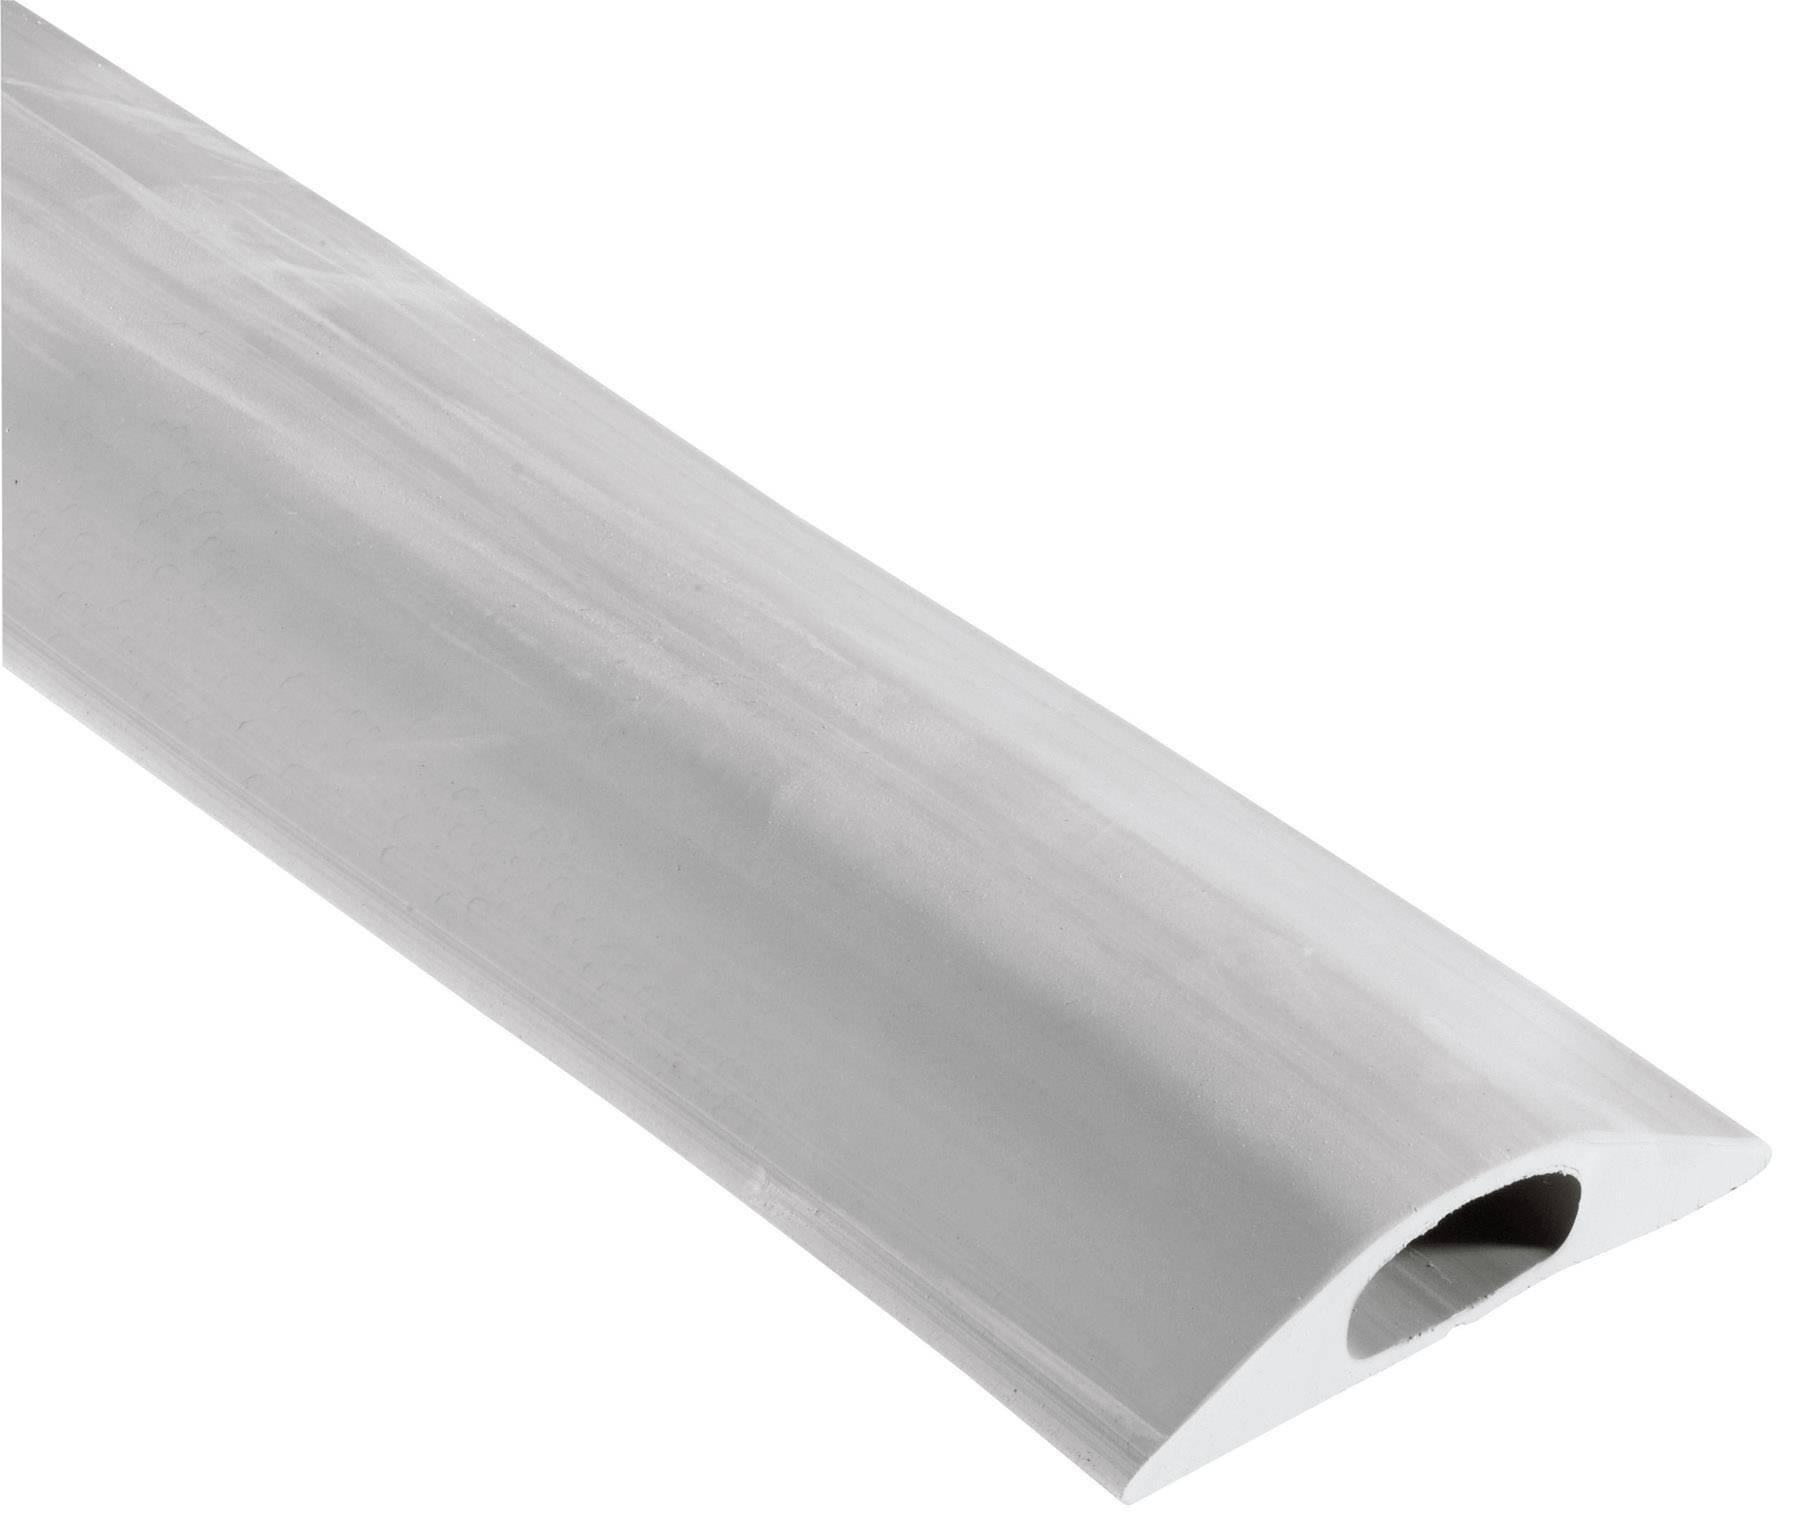 Kabelový můstek Vulcascot Snap Fit B VUS-004, 3000 x 83 x 14 mm, FIT B, šedá